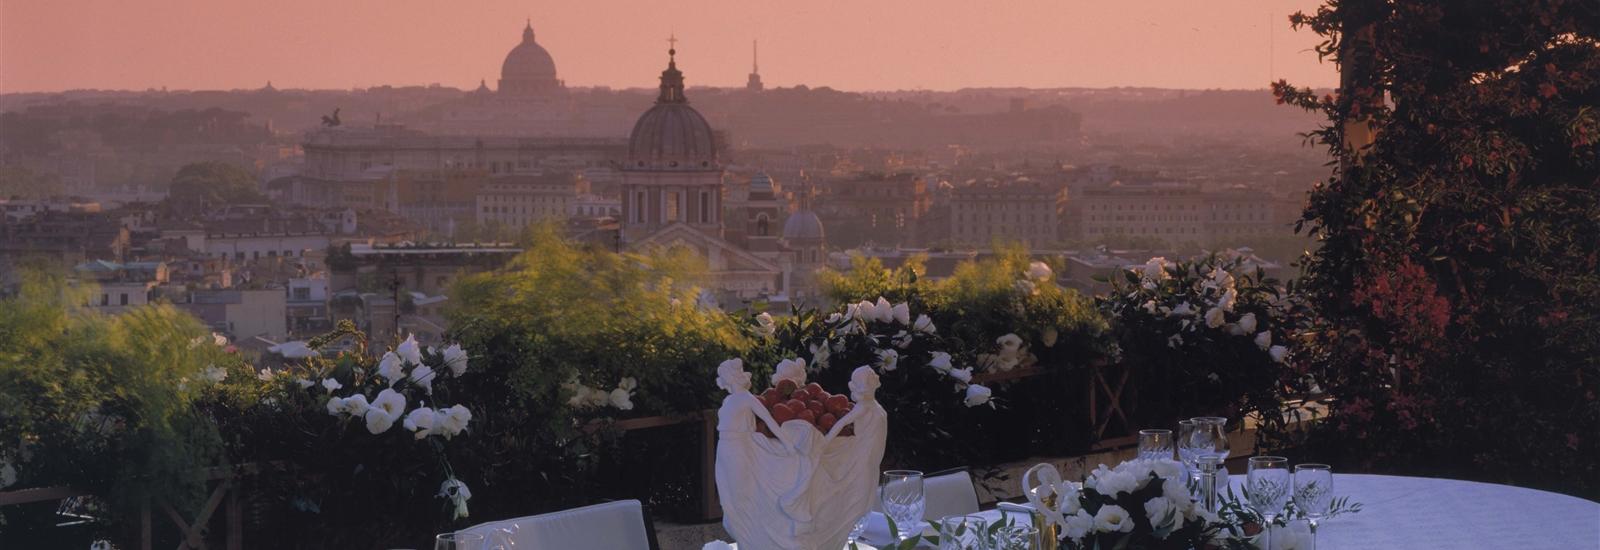 Hassler hotel rome wedding